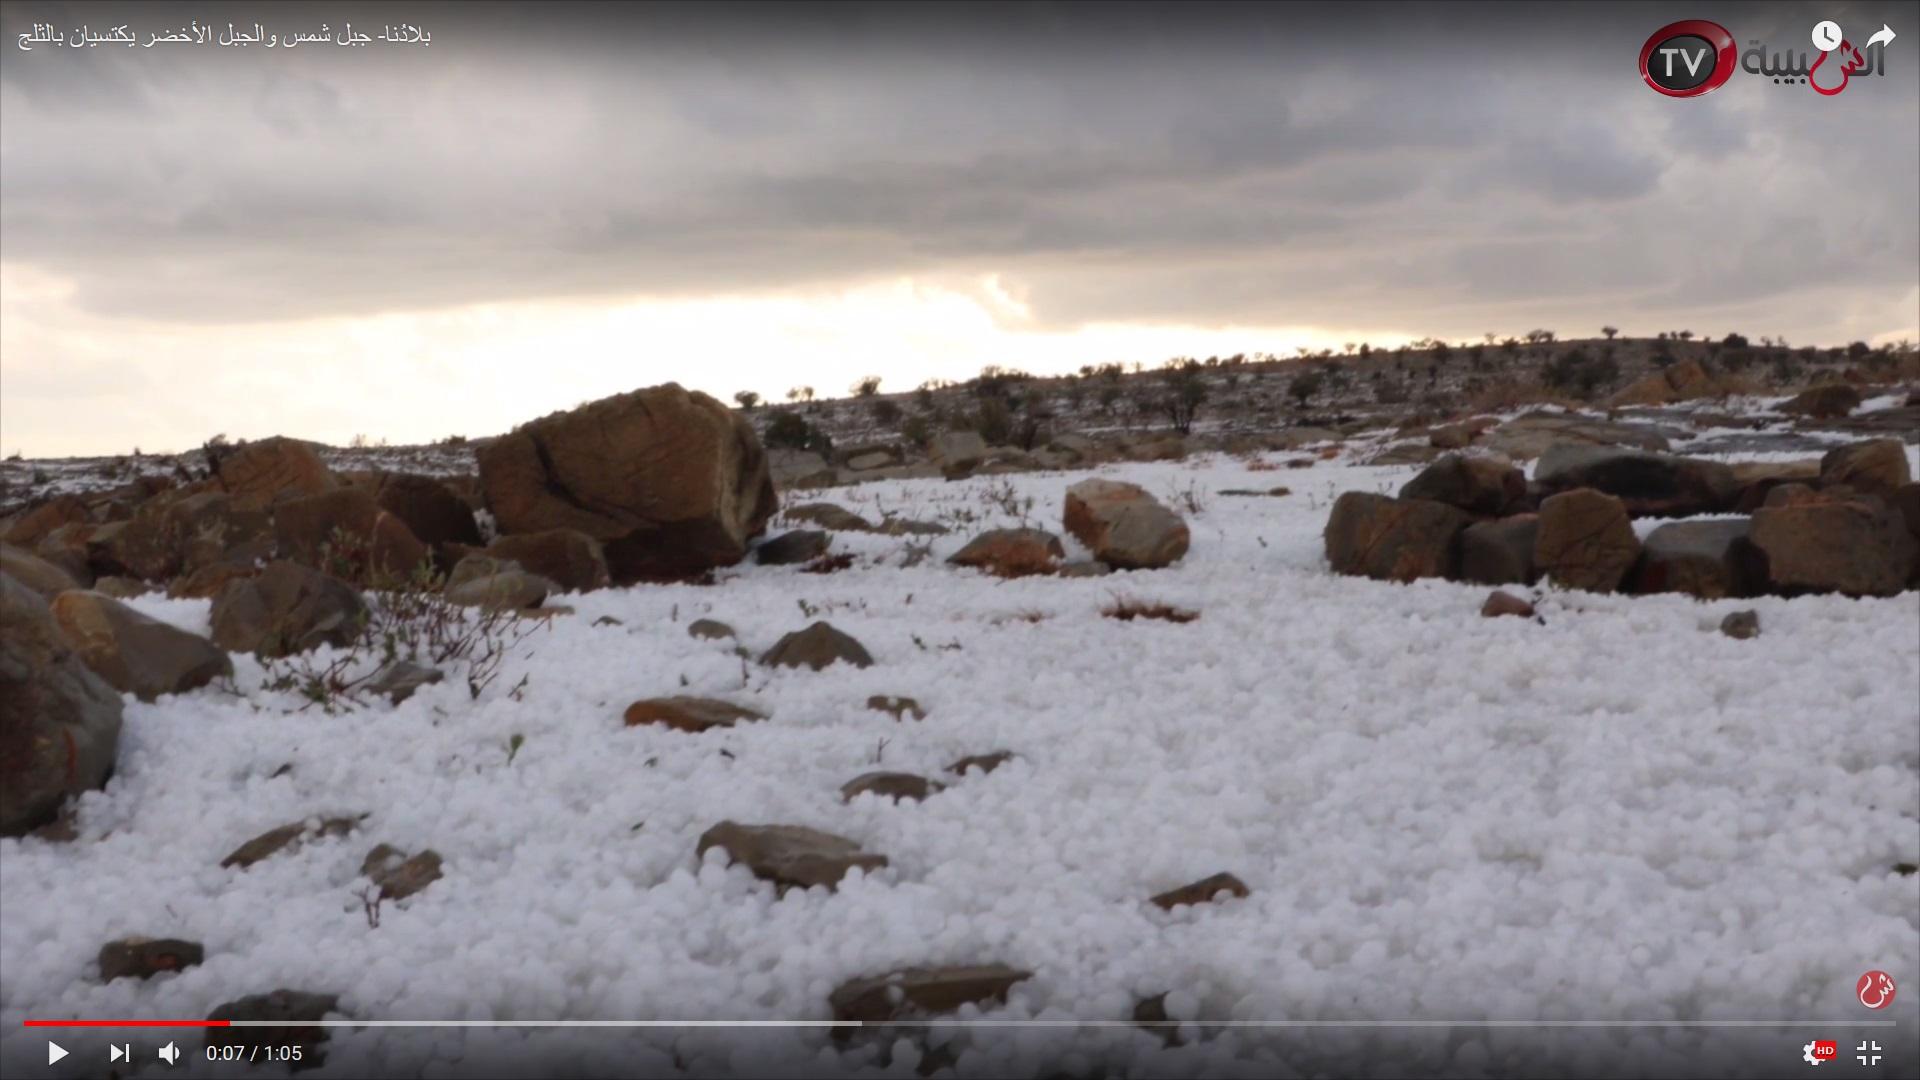 بالفيديو.. جبل شمس والجبل الأخضر يكتسيان بالثلج